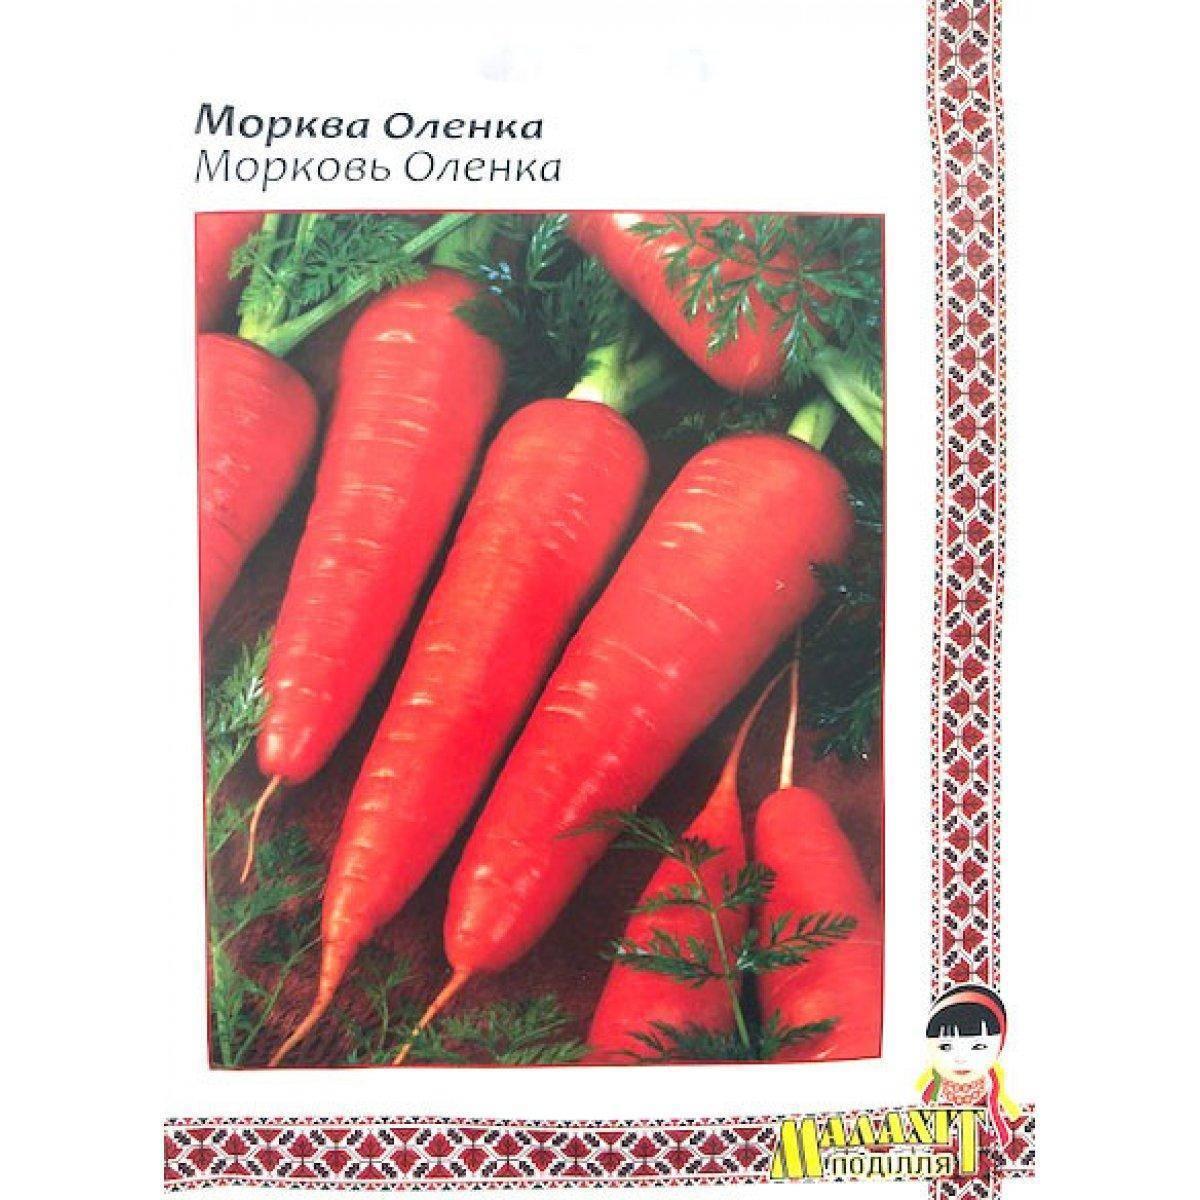 Морковь витаминная 6: характеристика и описание сорта